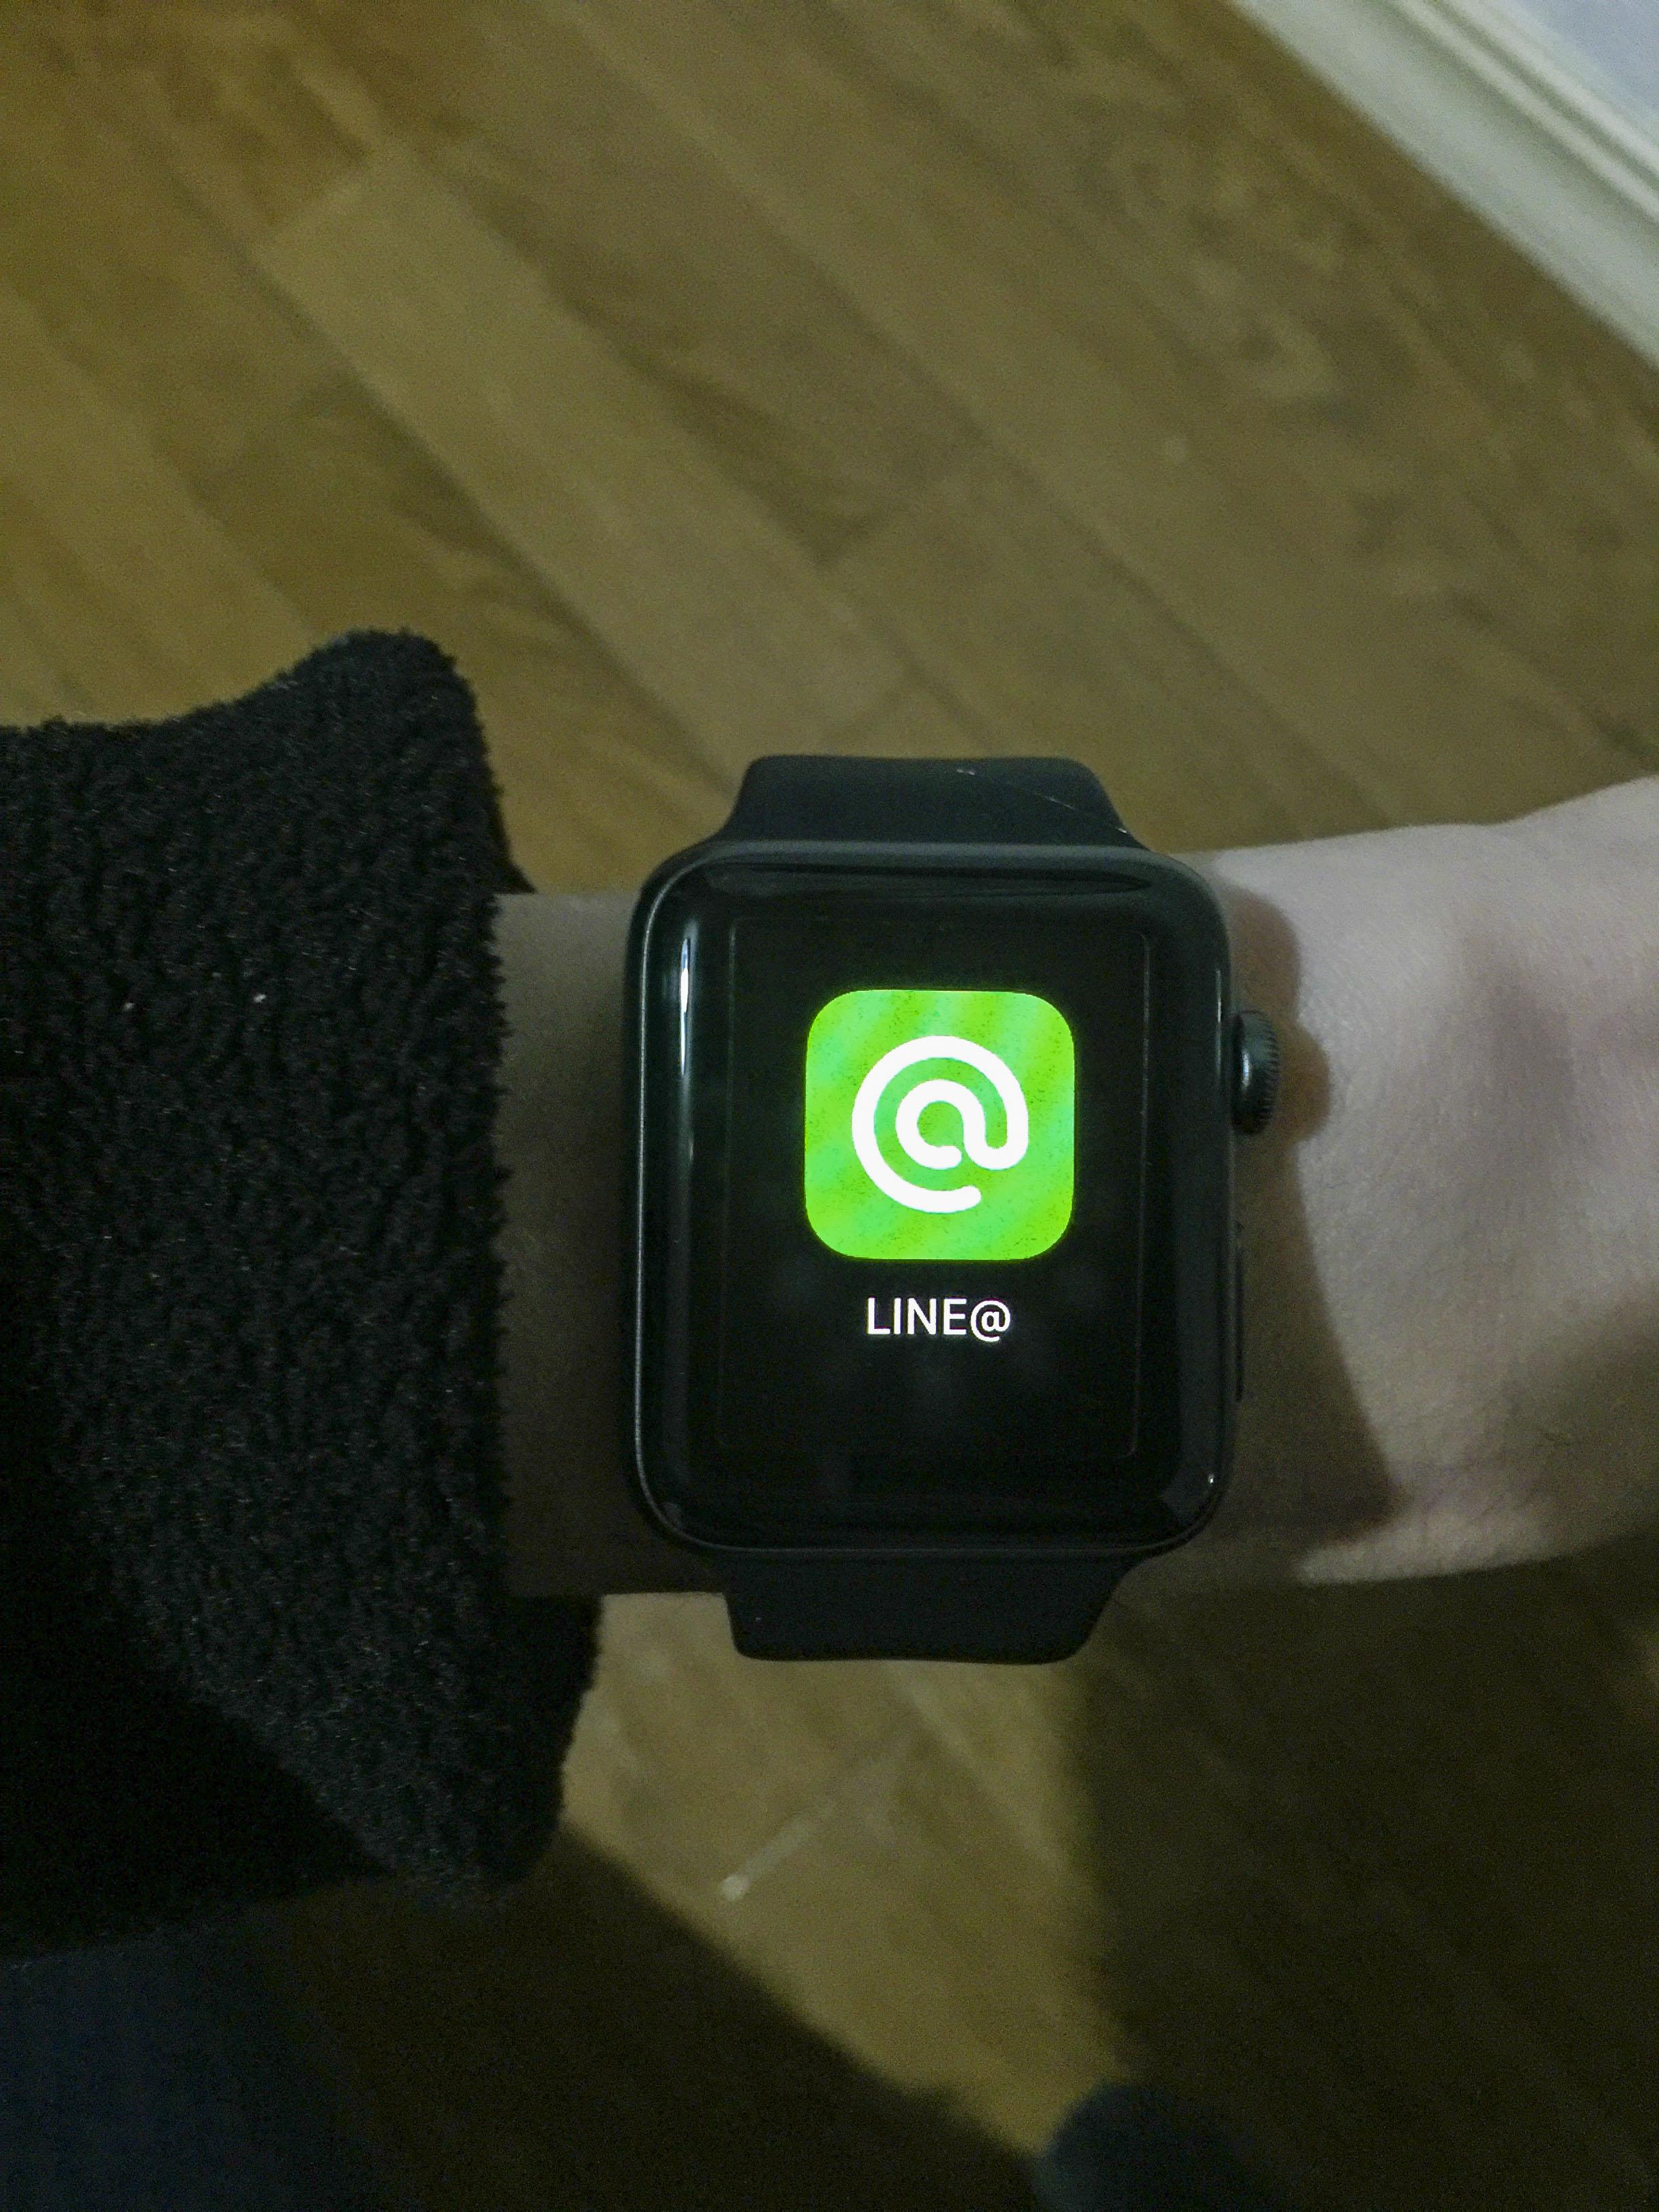 アップルウォッチの画面にLINE@